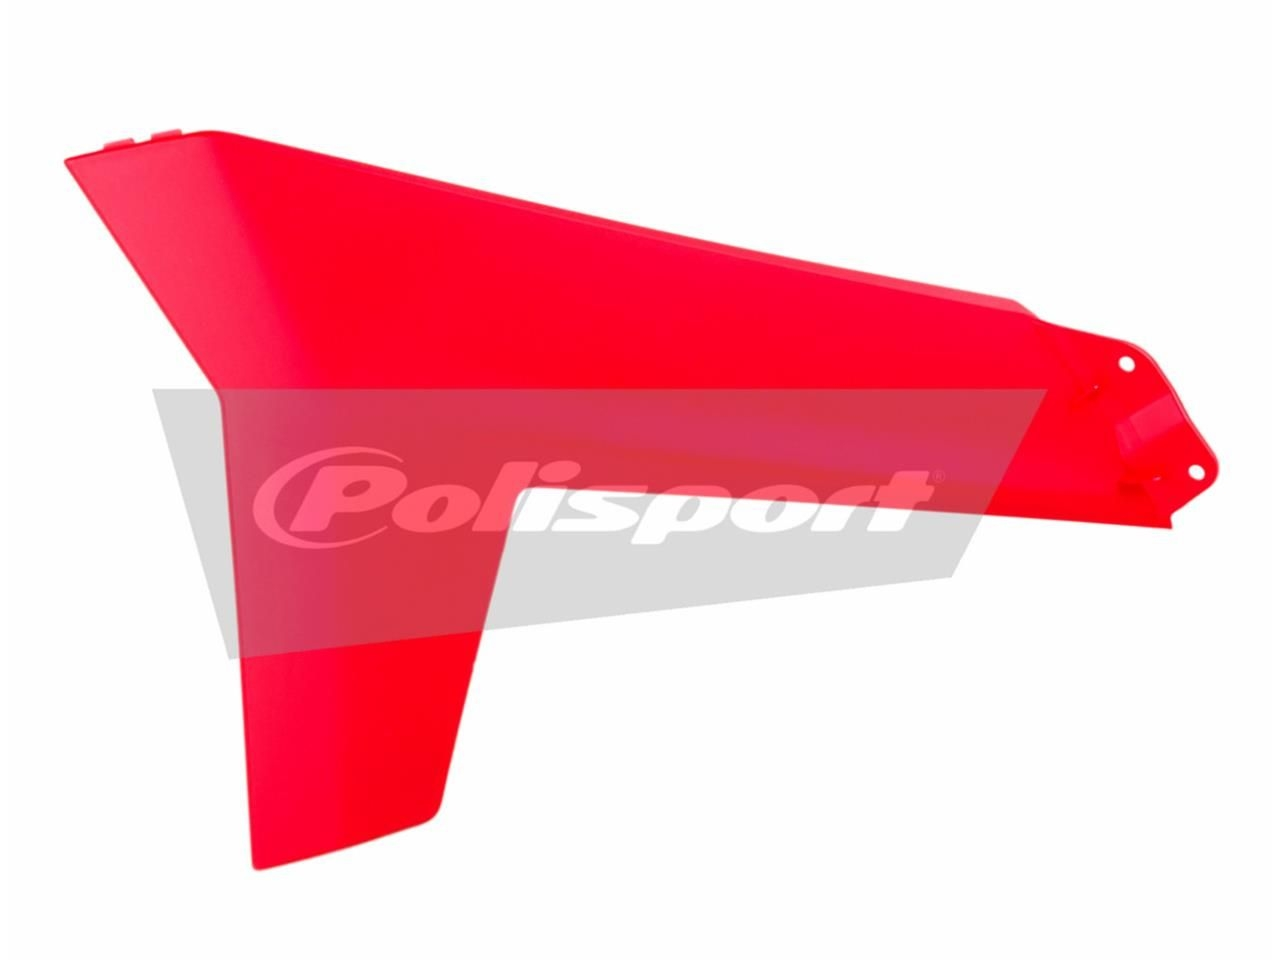 Ouïes de radiateur inférieures Polisport Gas Gas 300 EC 12-15 rouge